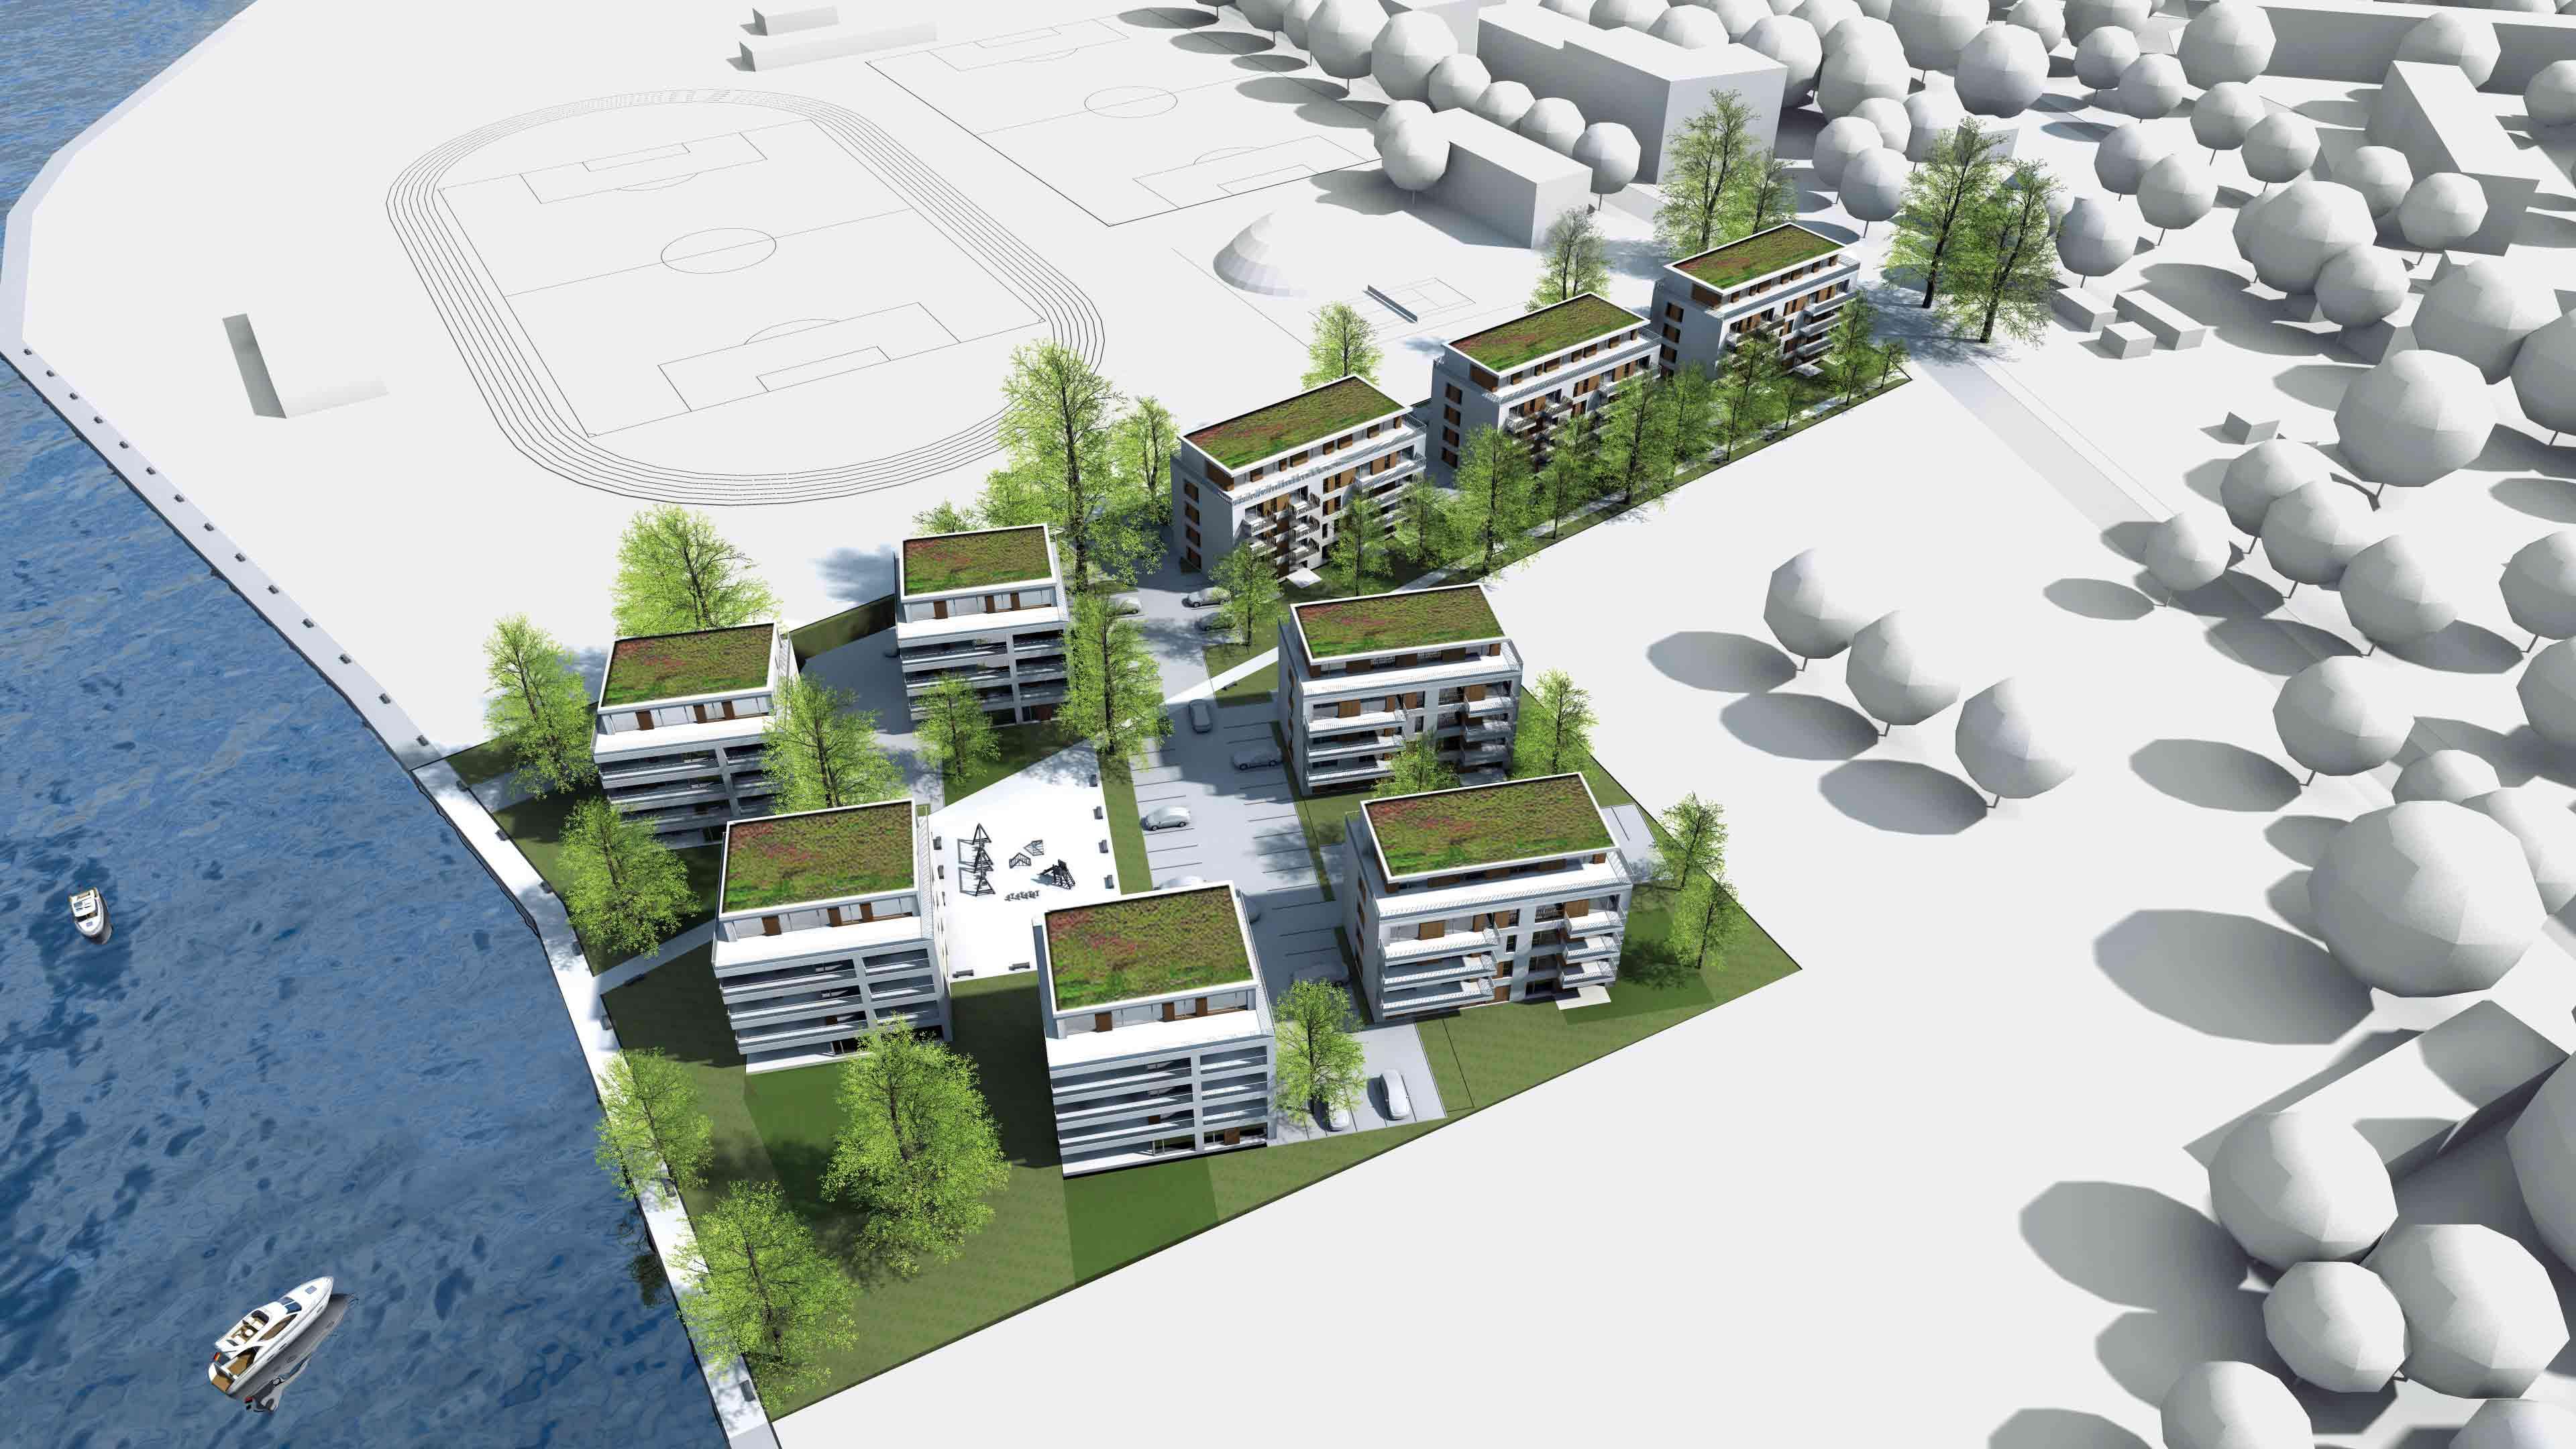 stadt und land wohnbauten berlin rib software. Black Bedroom Furniture Sets. Home Design Ideas